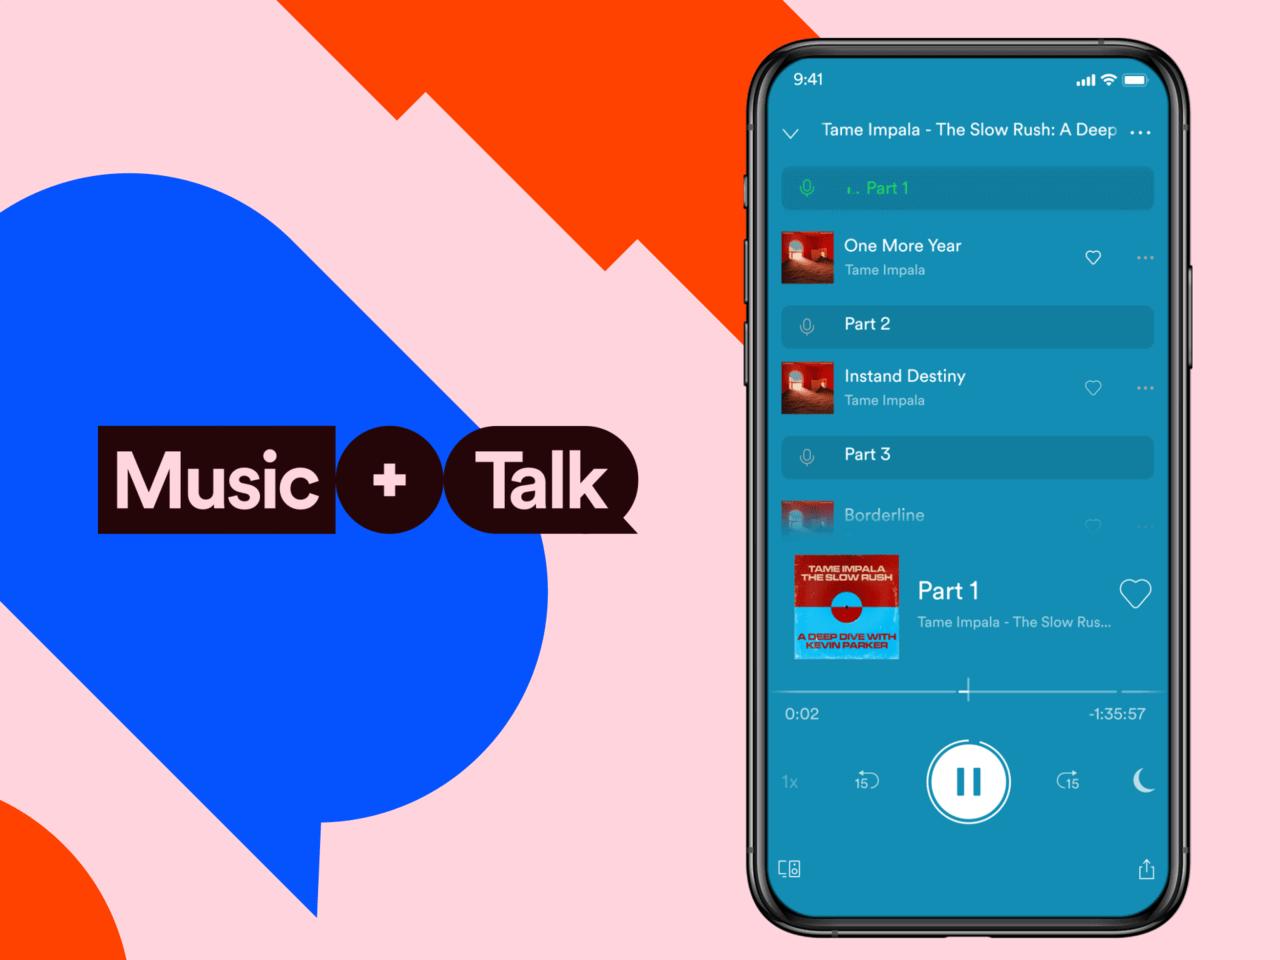 Spotify Music + Talk